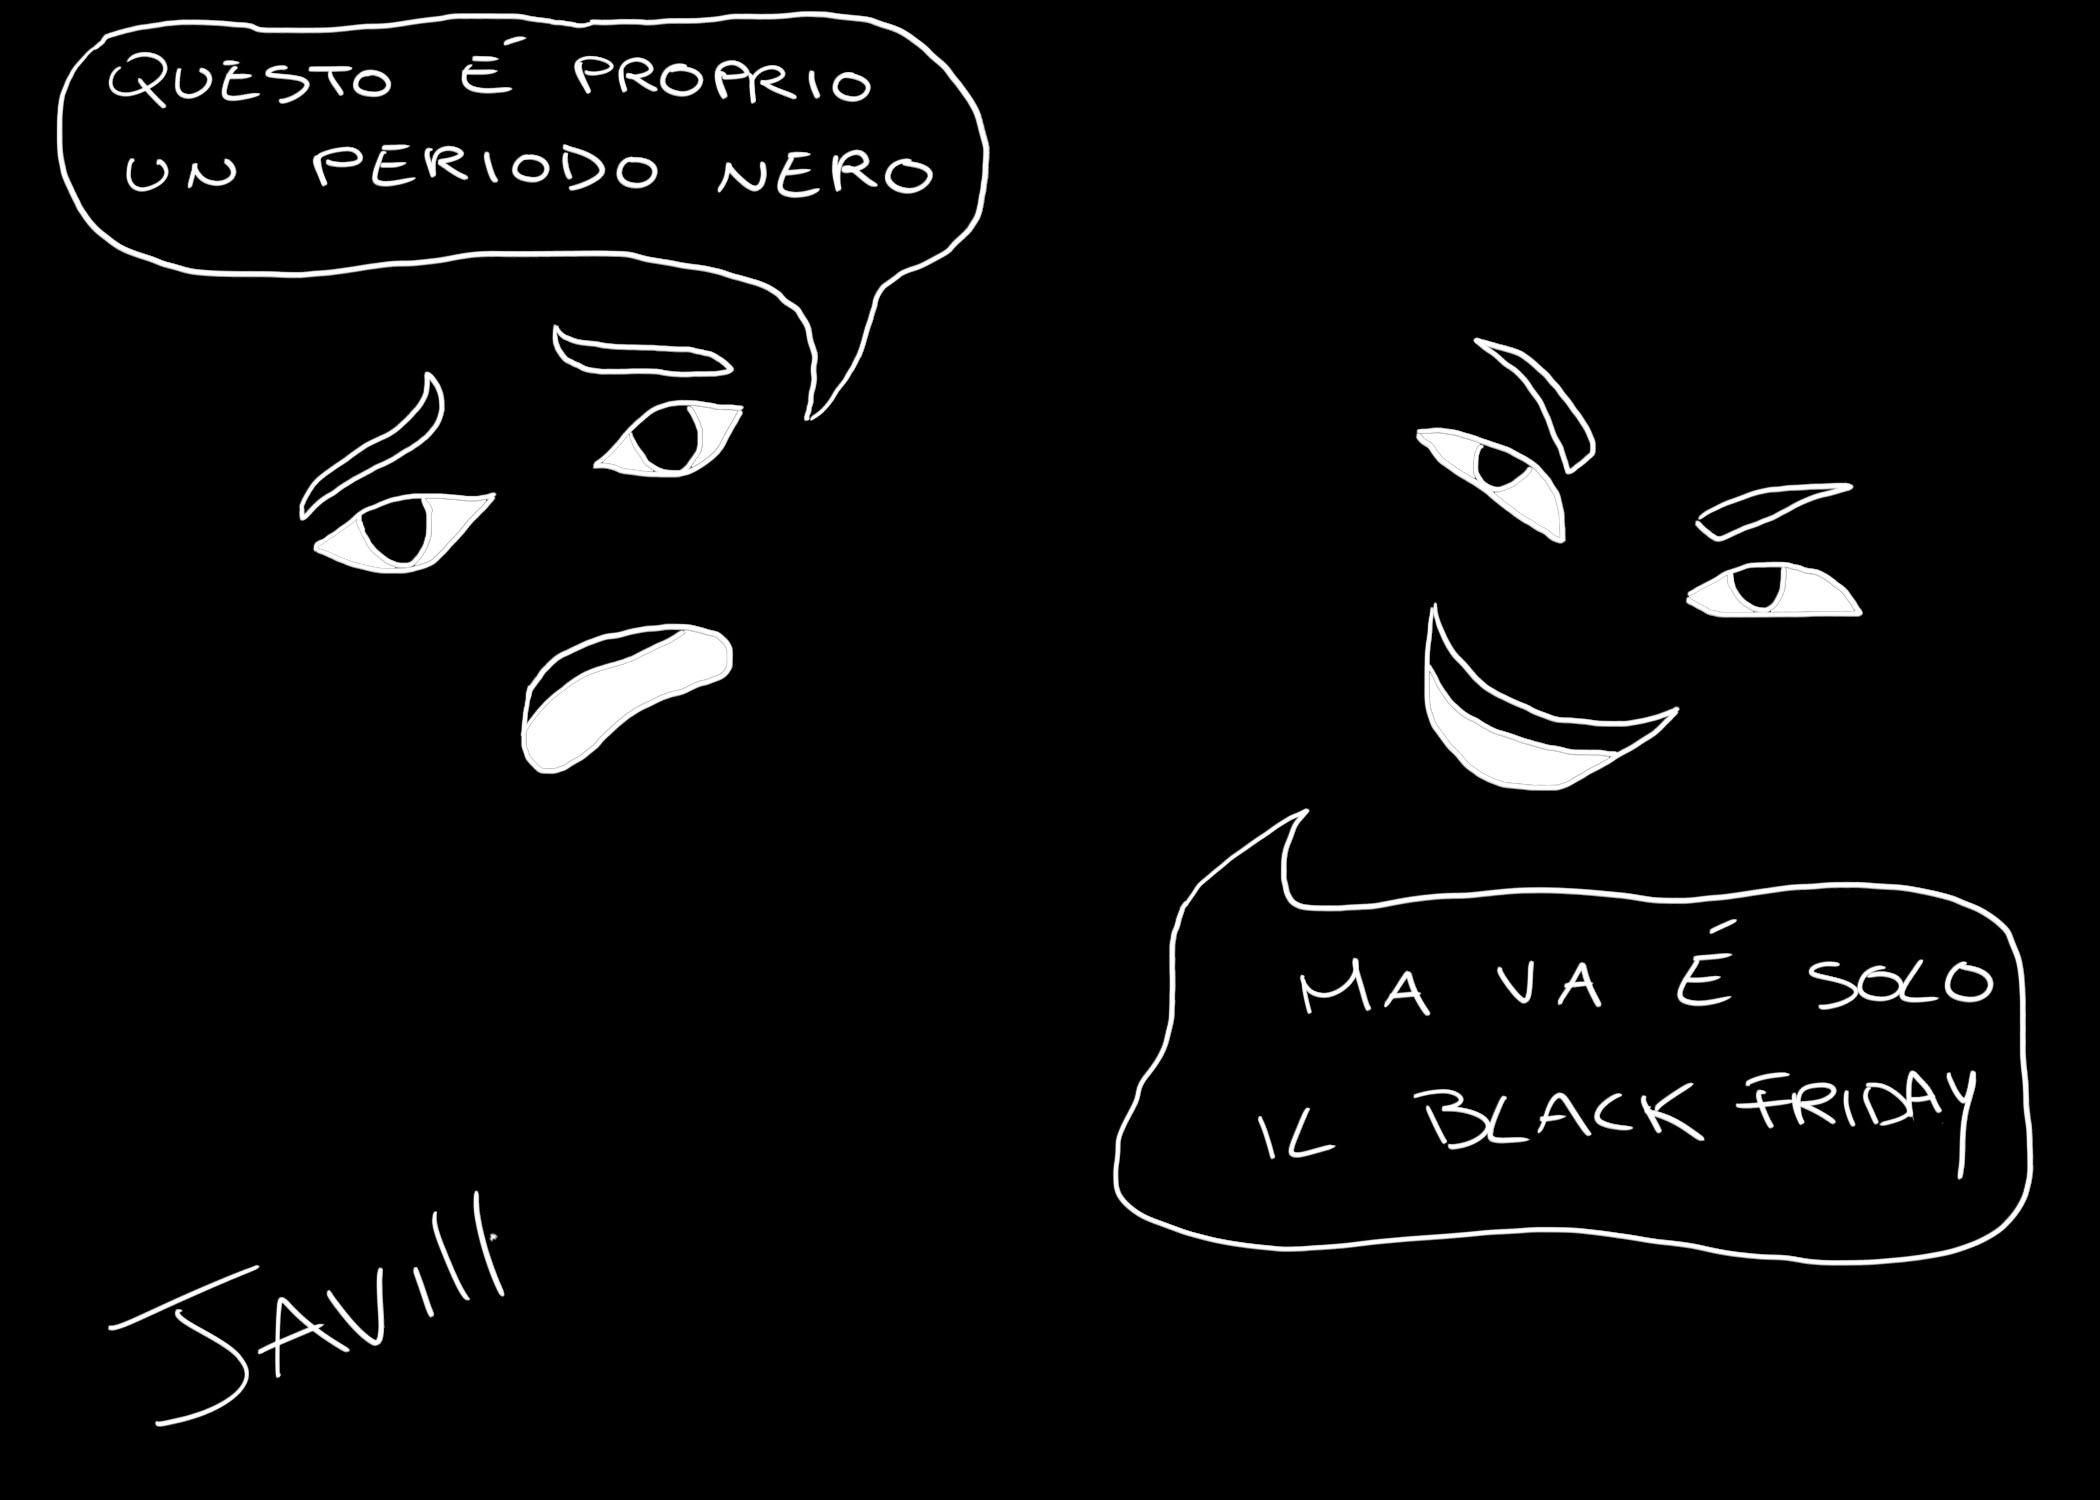 VERSO IL BLACK FRIDAY